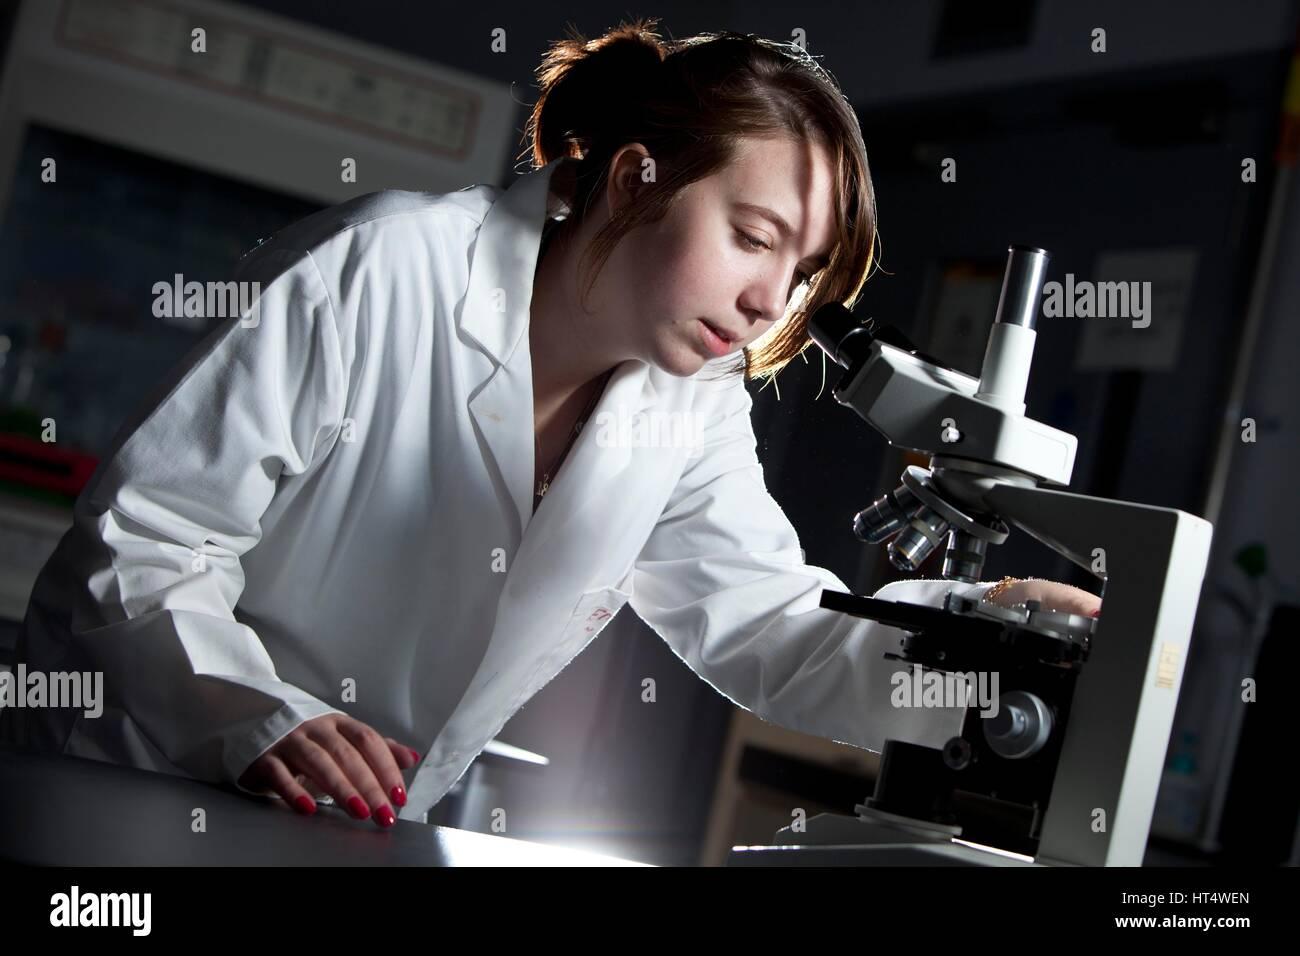 Un jeune élève lors d'une leçon de science dans une école secondaire Photo Stock